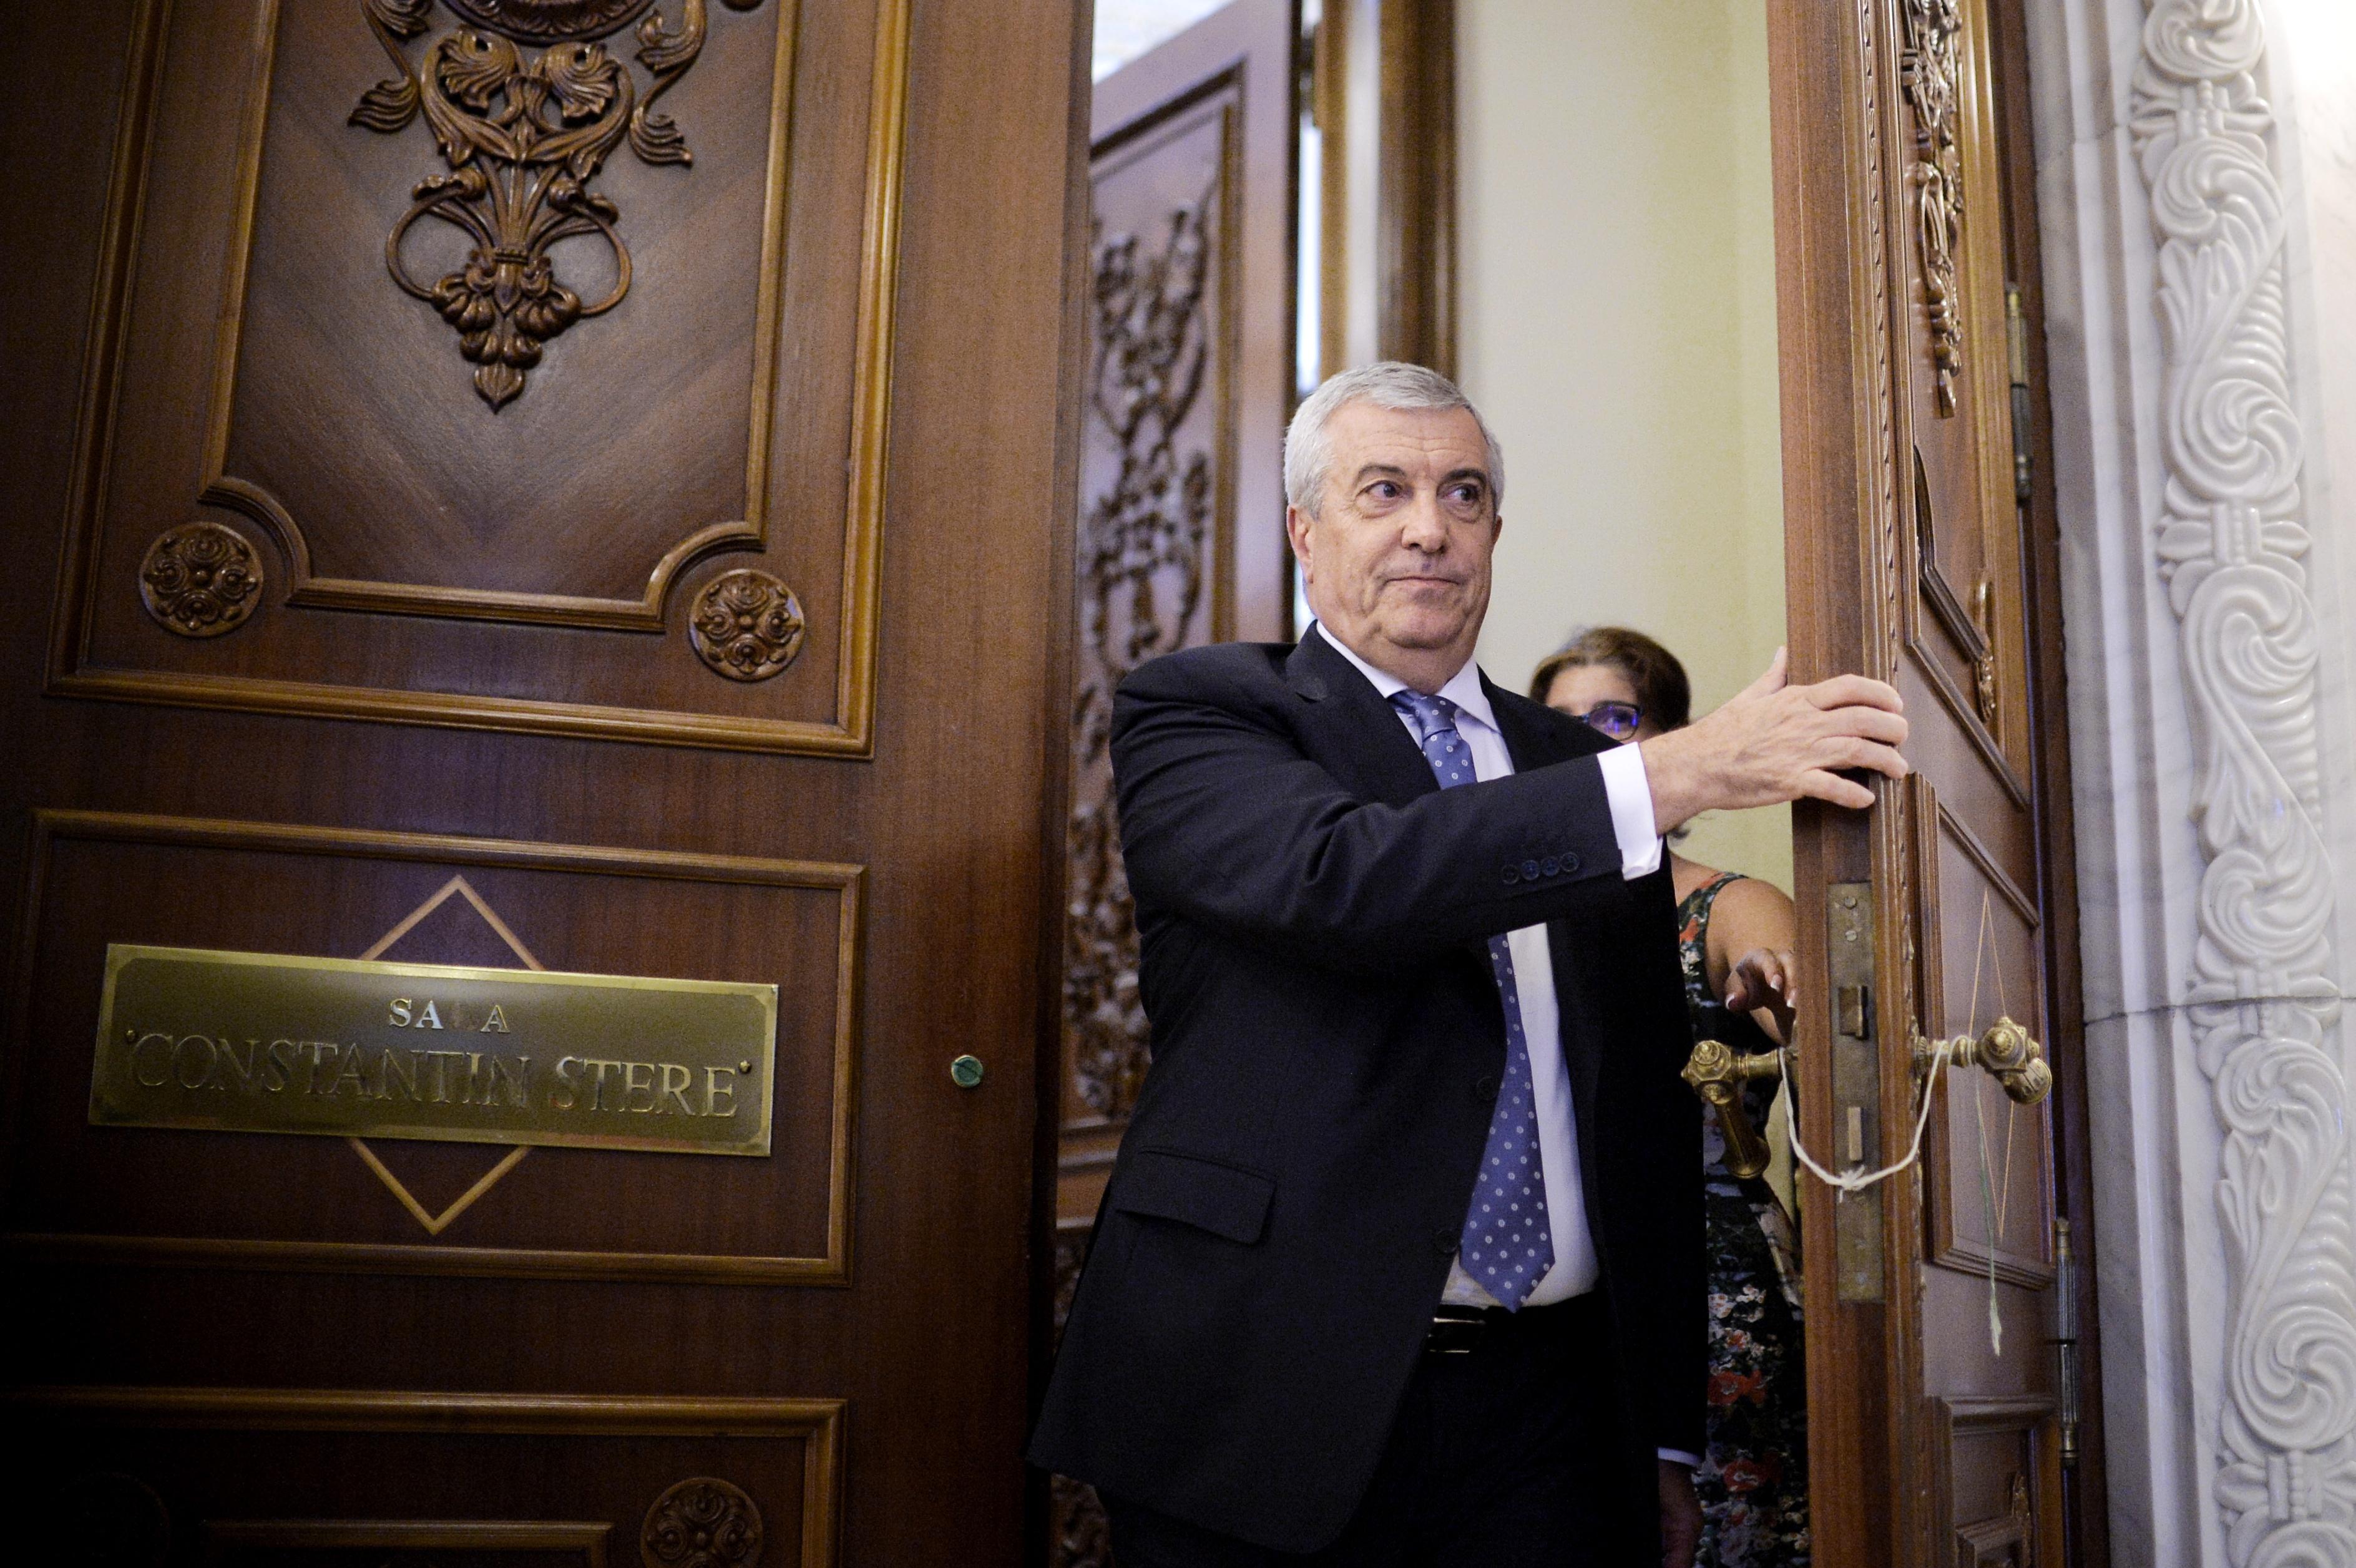 Preşedintele Senatului, Călin Popescu-Tăriceanu, convorbiri cu ministrul Justiţiei, Tudorel Toader